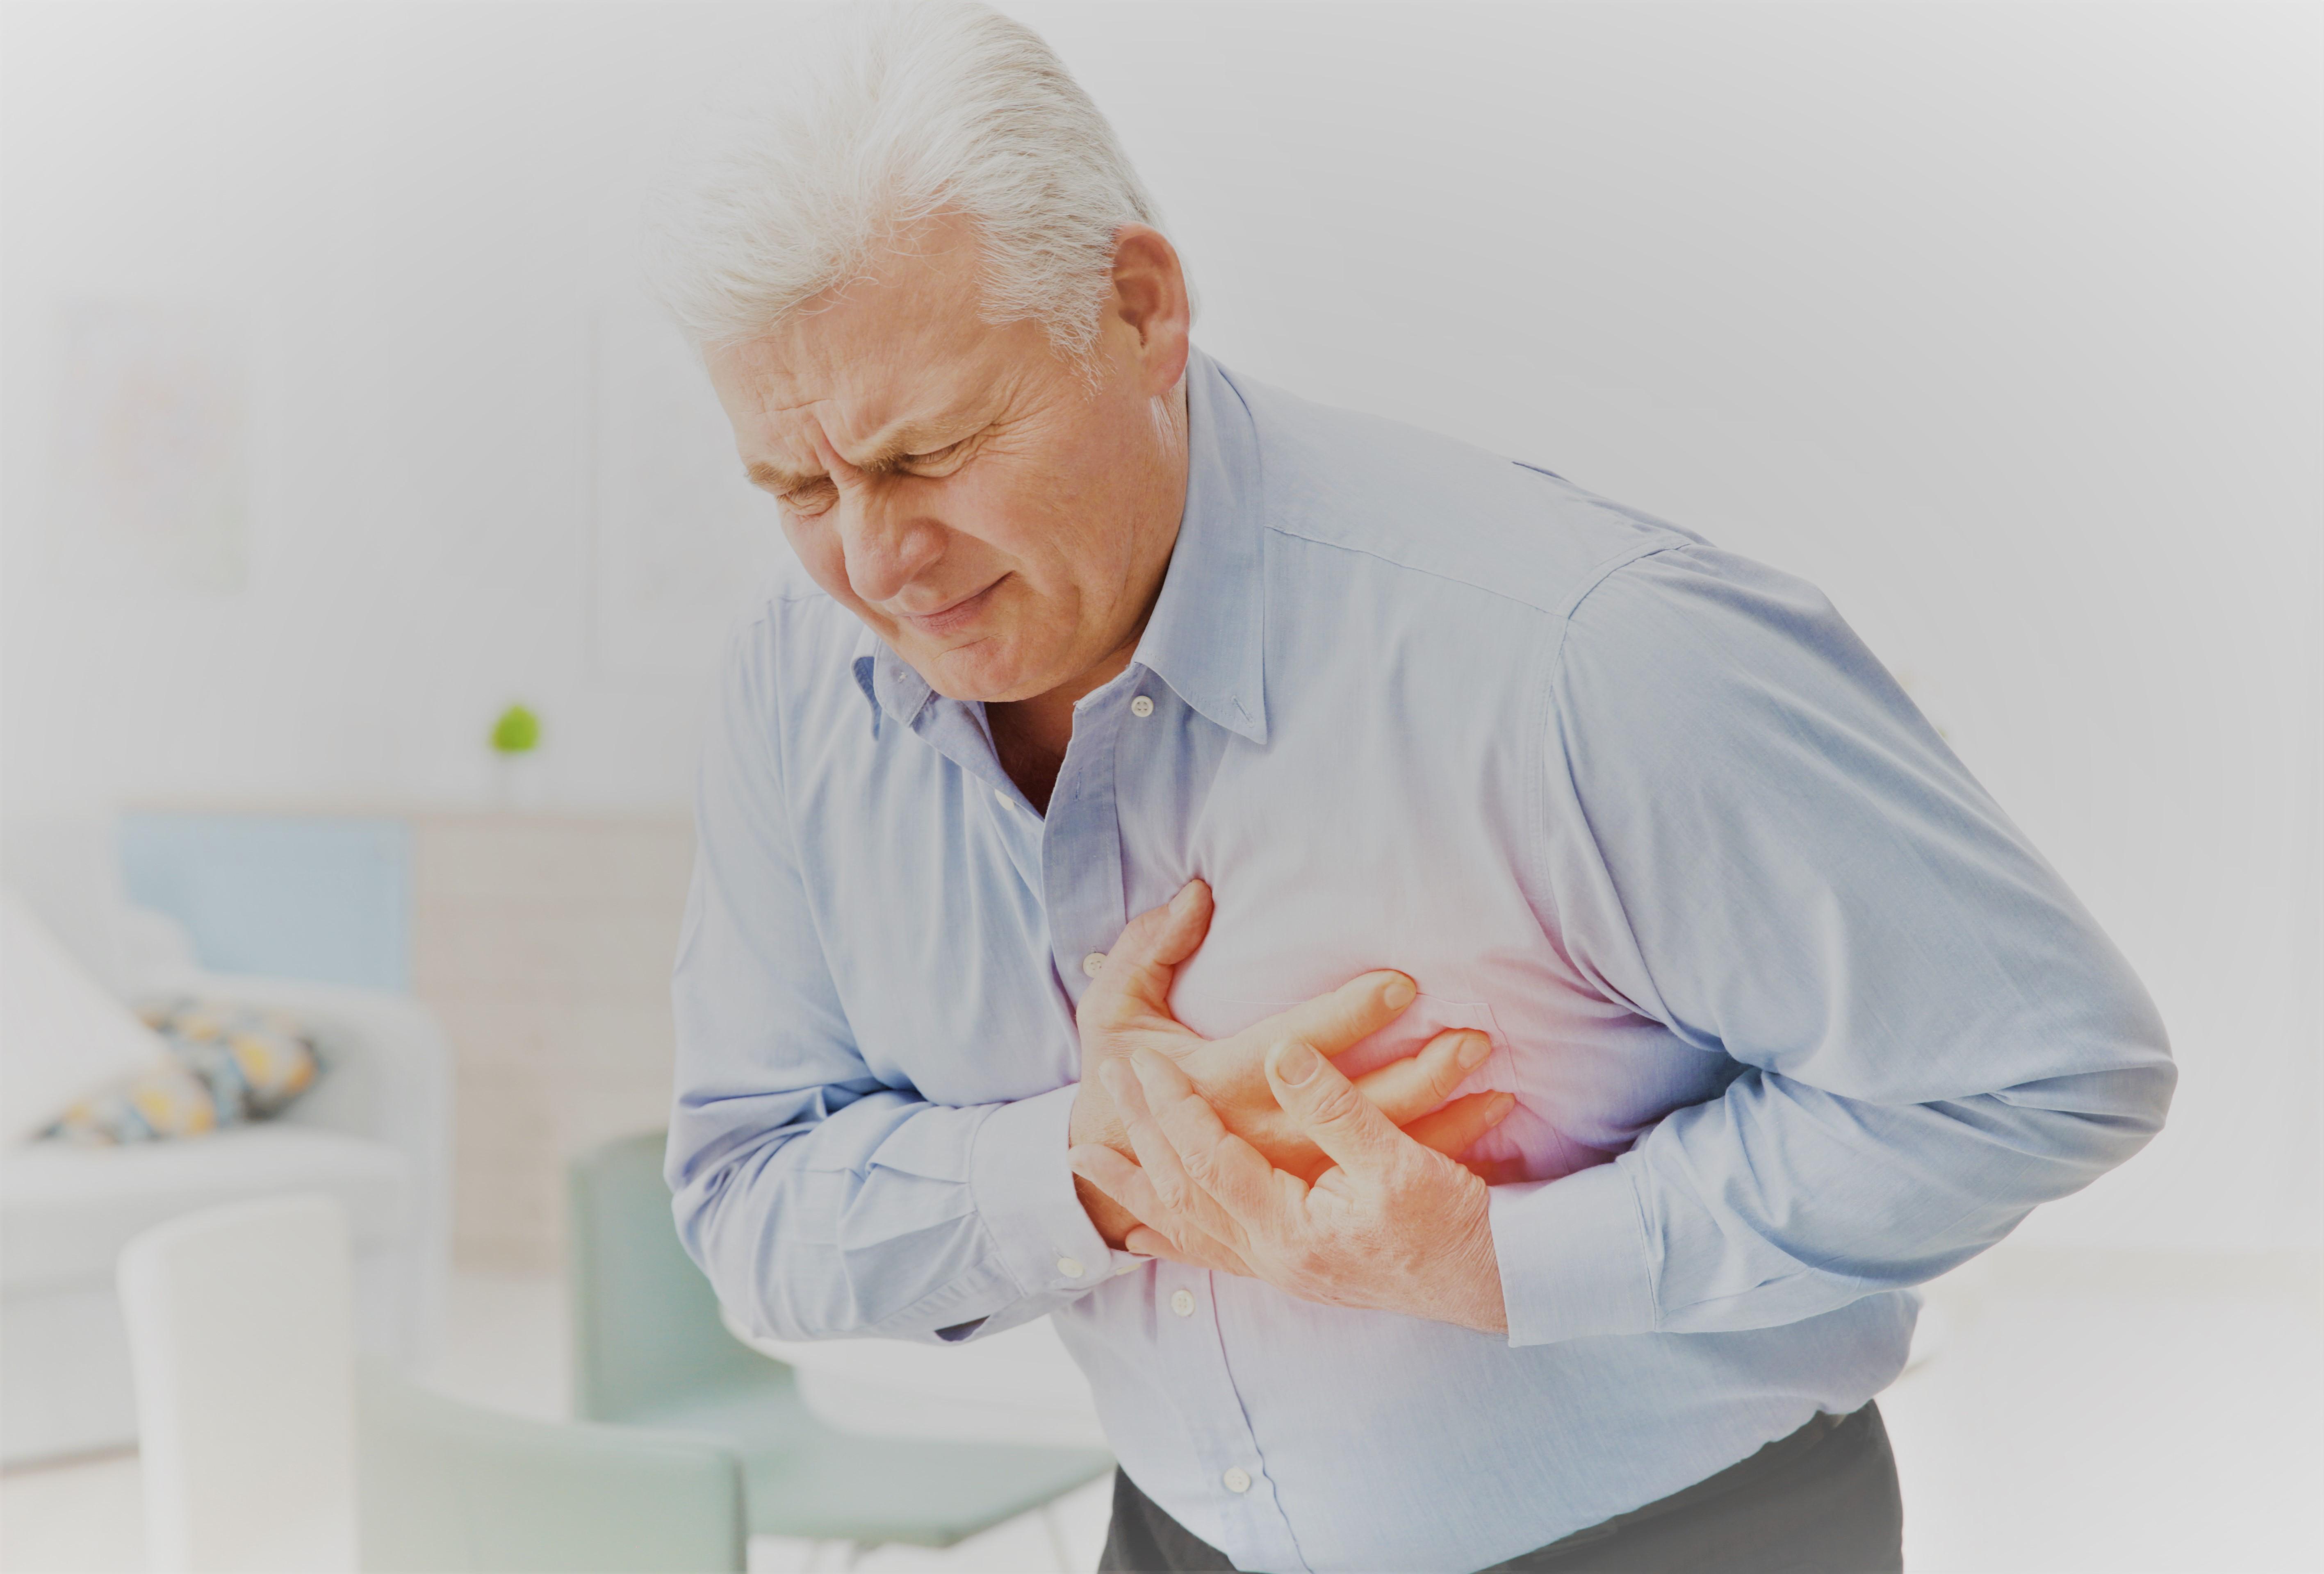 Csípőtorna, egyszerű gyakorlatok csípőfájdalom kezelésére. | panevino.hu